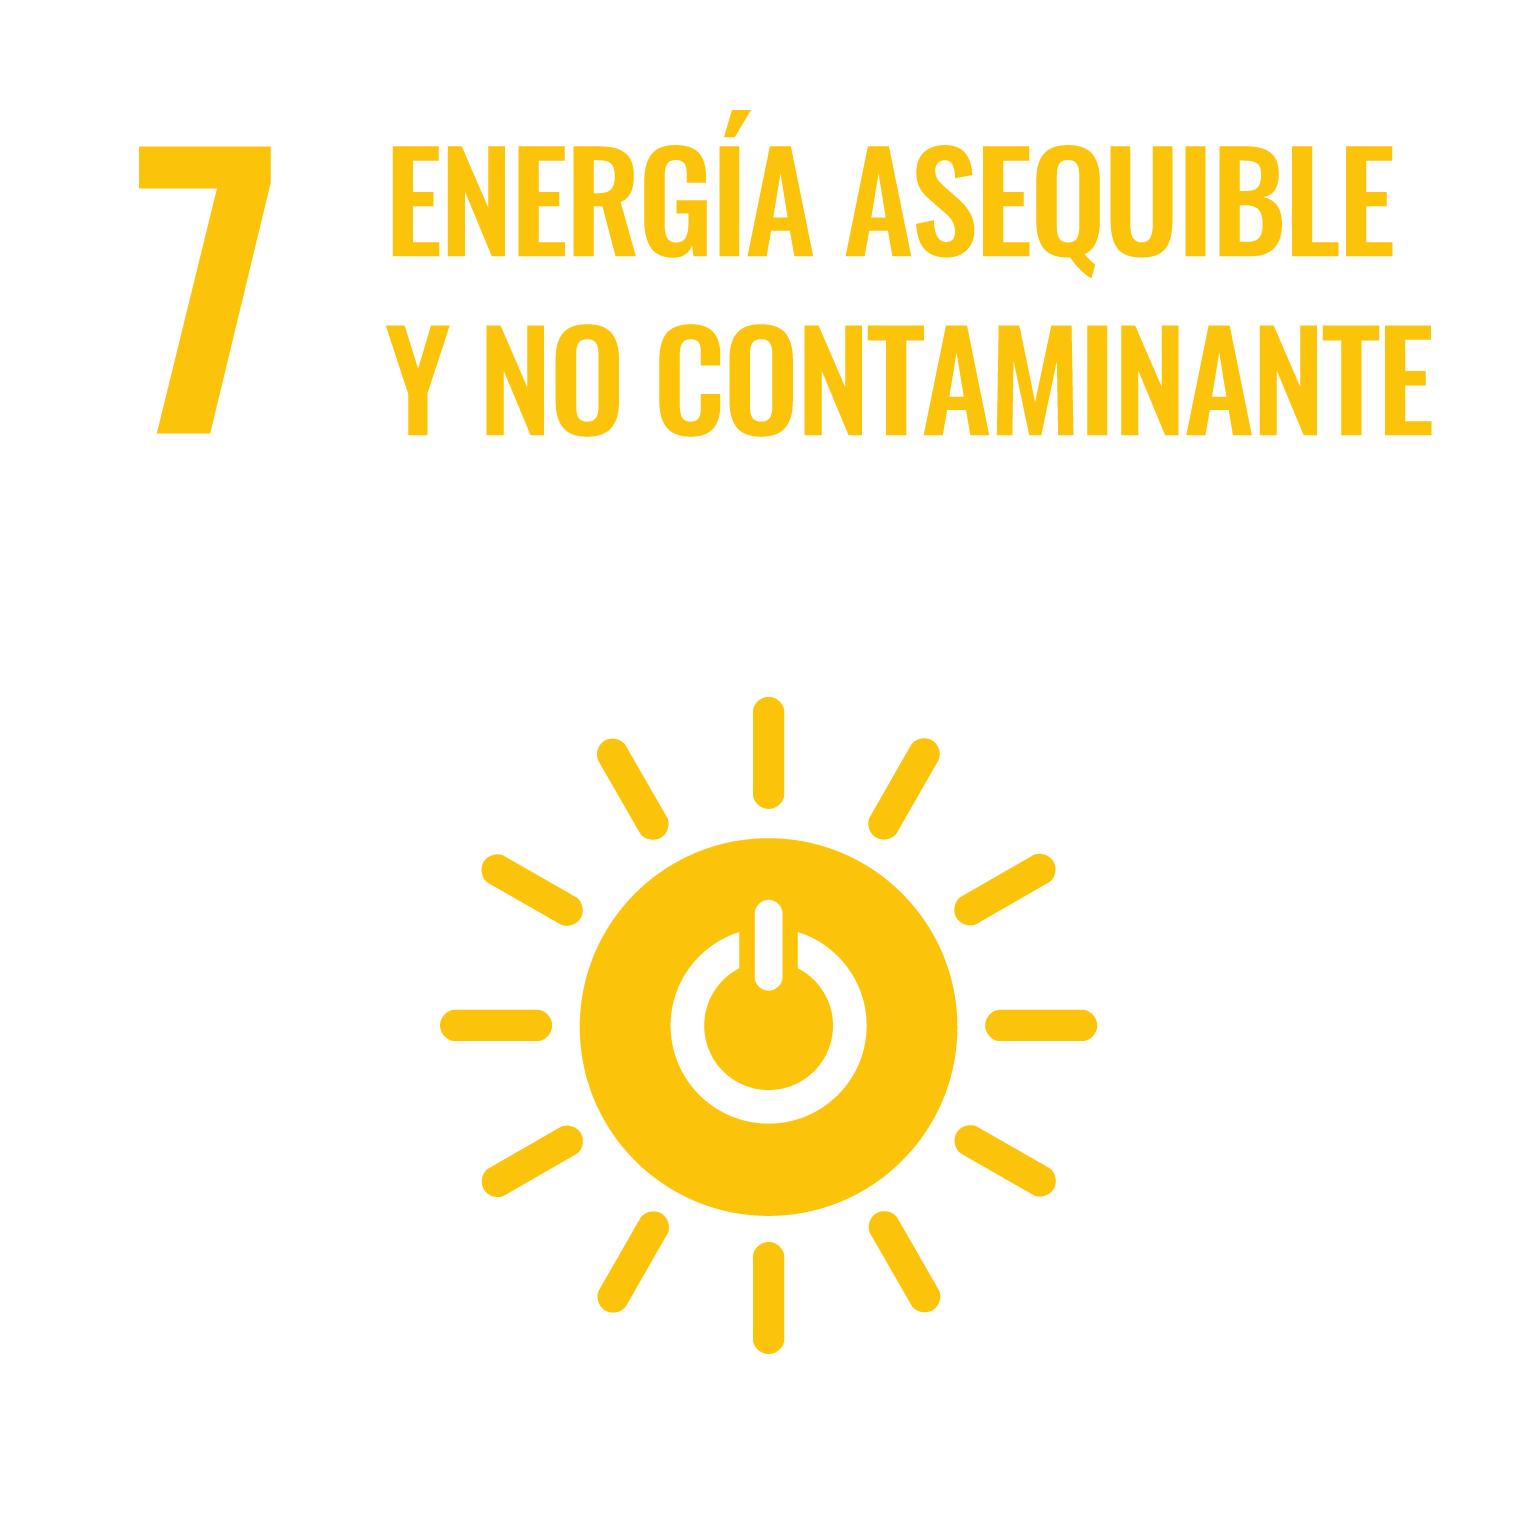 Icono del Objetivo de Desarrollo Sostenible Energía asequible y no contaminante